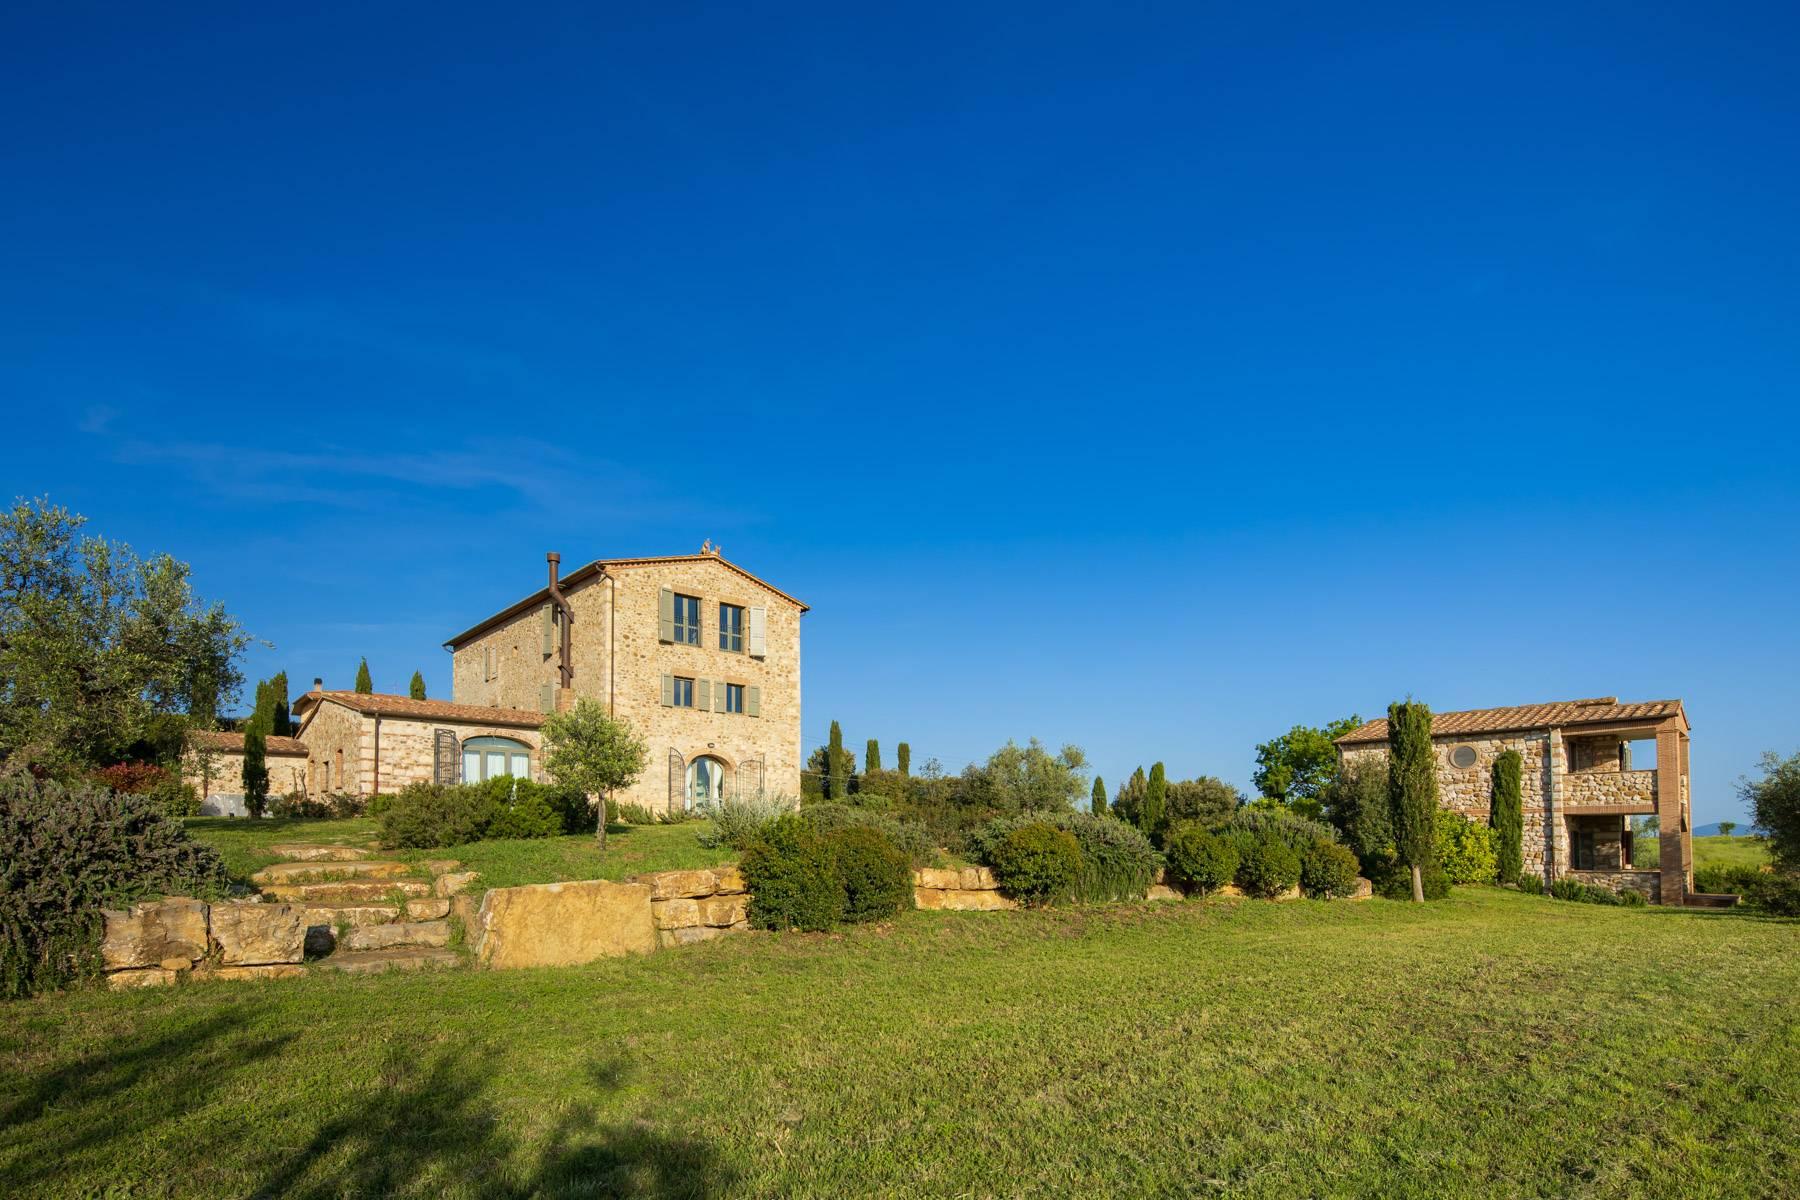 Rustico in Vendita a Magliano In Toscana: 5 locali, 1044 mq - Foto 5